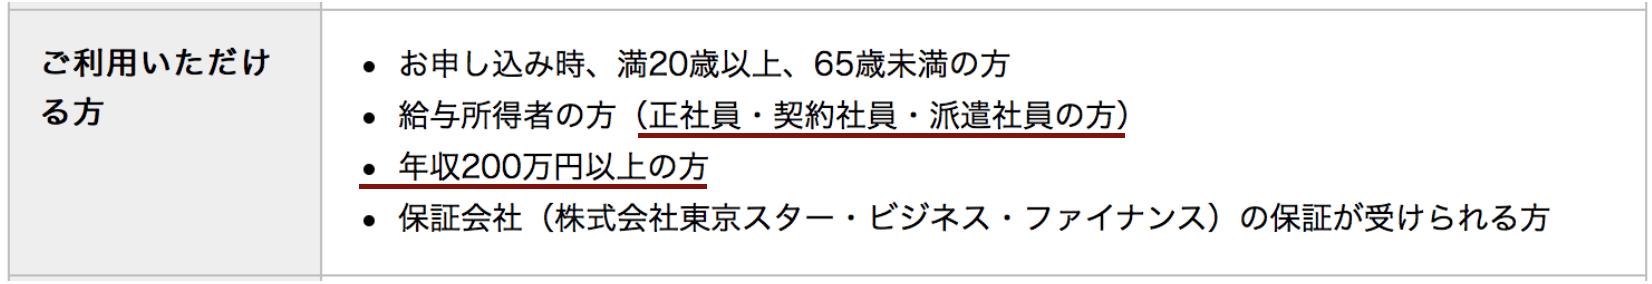 東京スター銀行「ご利用いただける方」